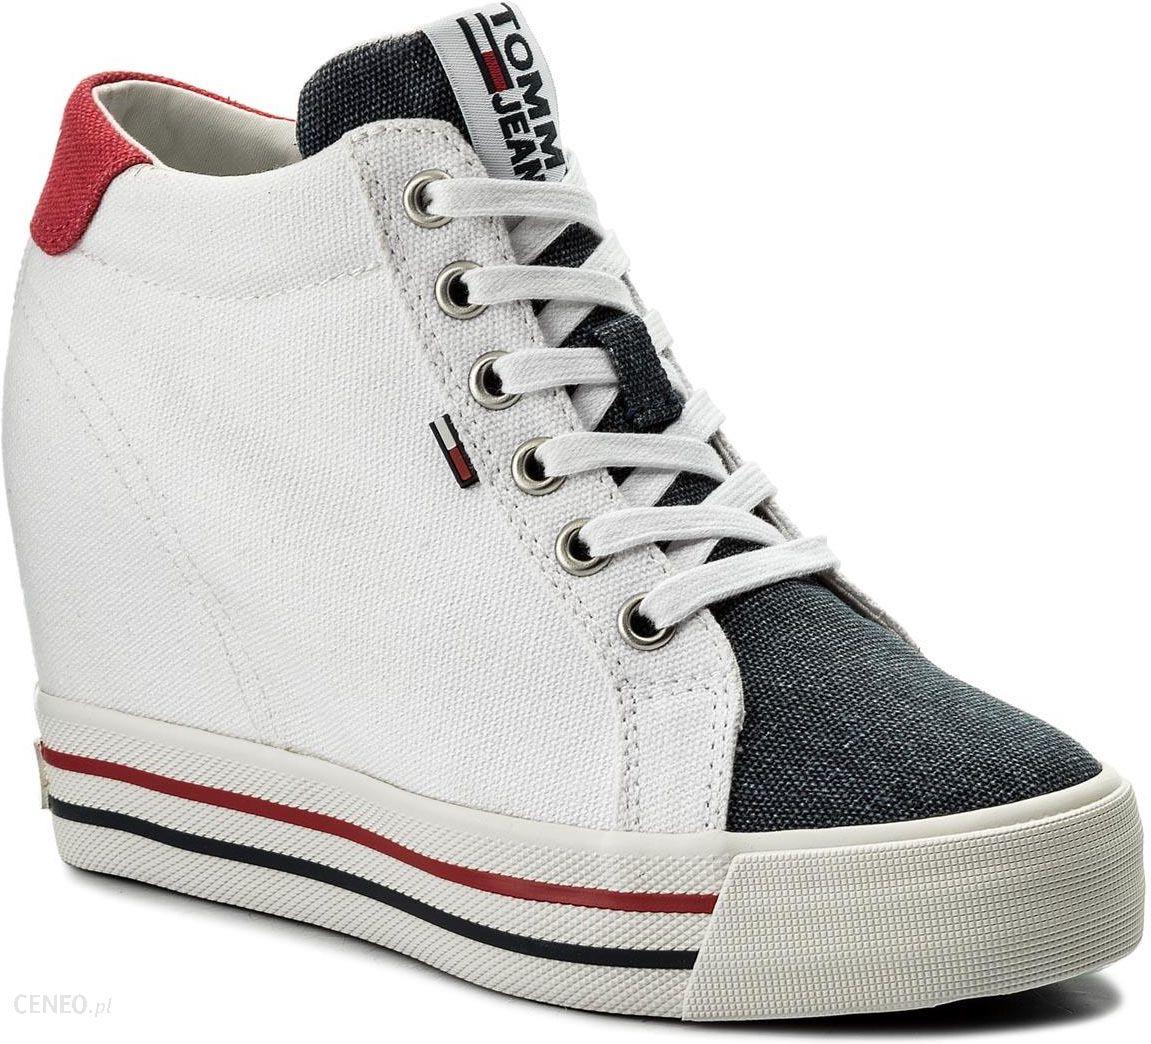 c3e4a06c86f Sneakersy TOMMY HILFIGER - Jeans Sneaker Wedge EN0EN00192 Rwb 020 - zdjęcie  1